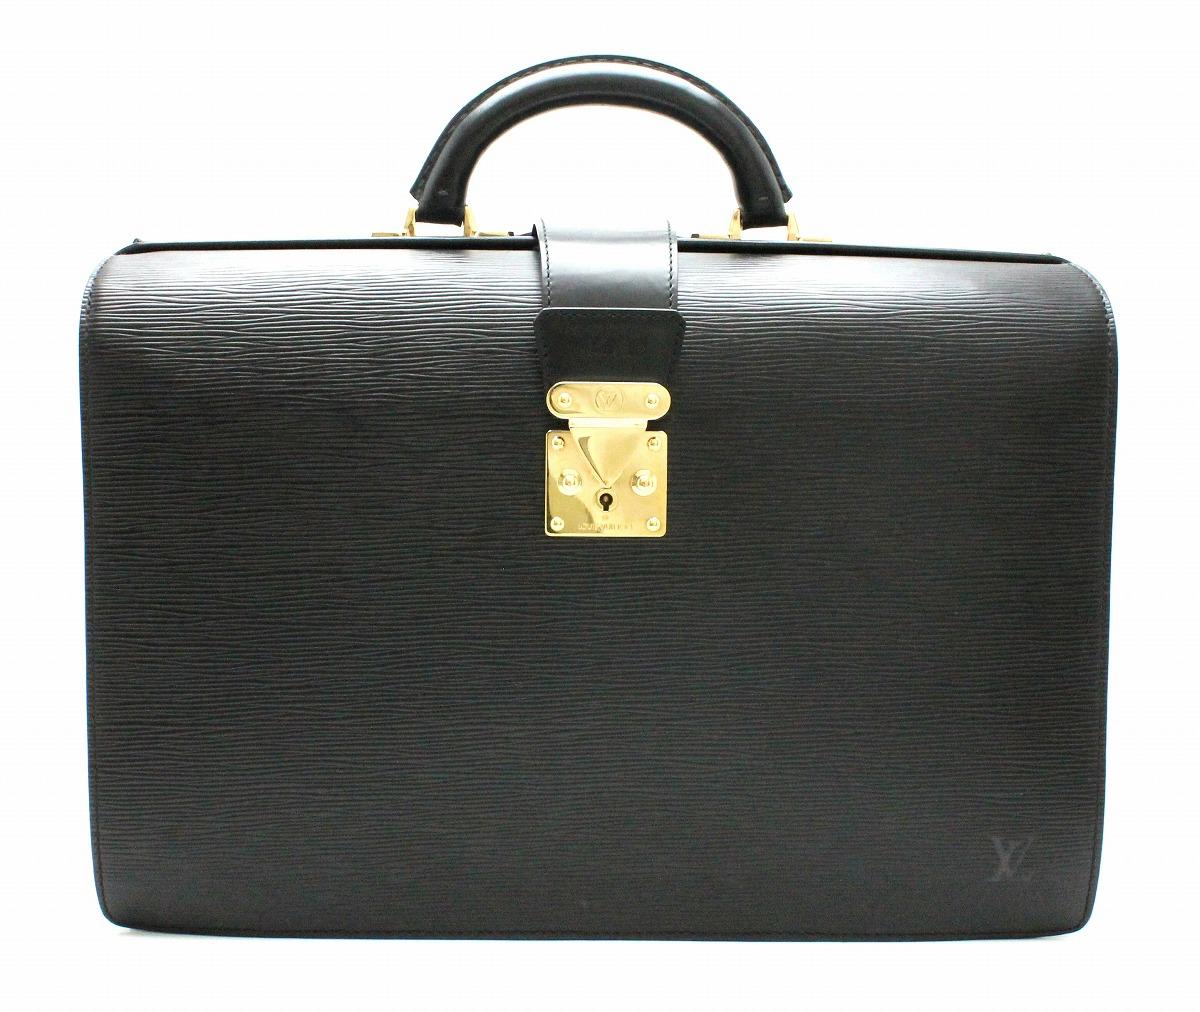 【バッグ】LOUIS VUITTON ルイ ヴィトン エピ セルヴィエット フェルモワール 書類カバン ビジネスバッグ レザー ノワール 黒 ブラック イニシャル入 M54352 【中古】【k】